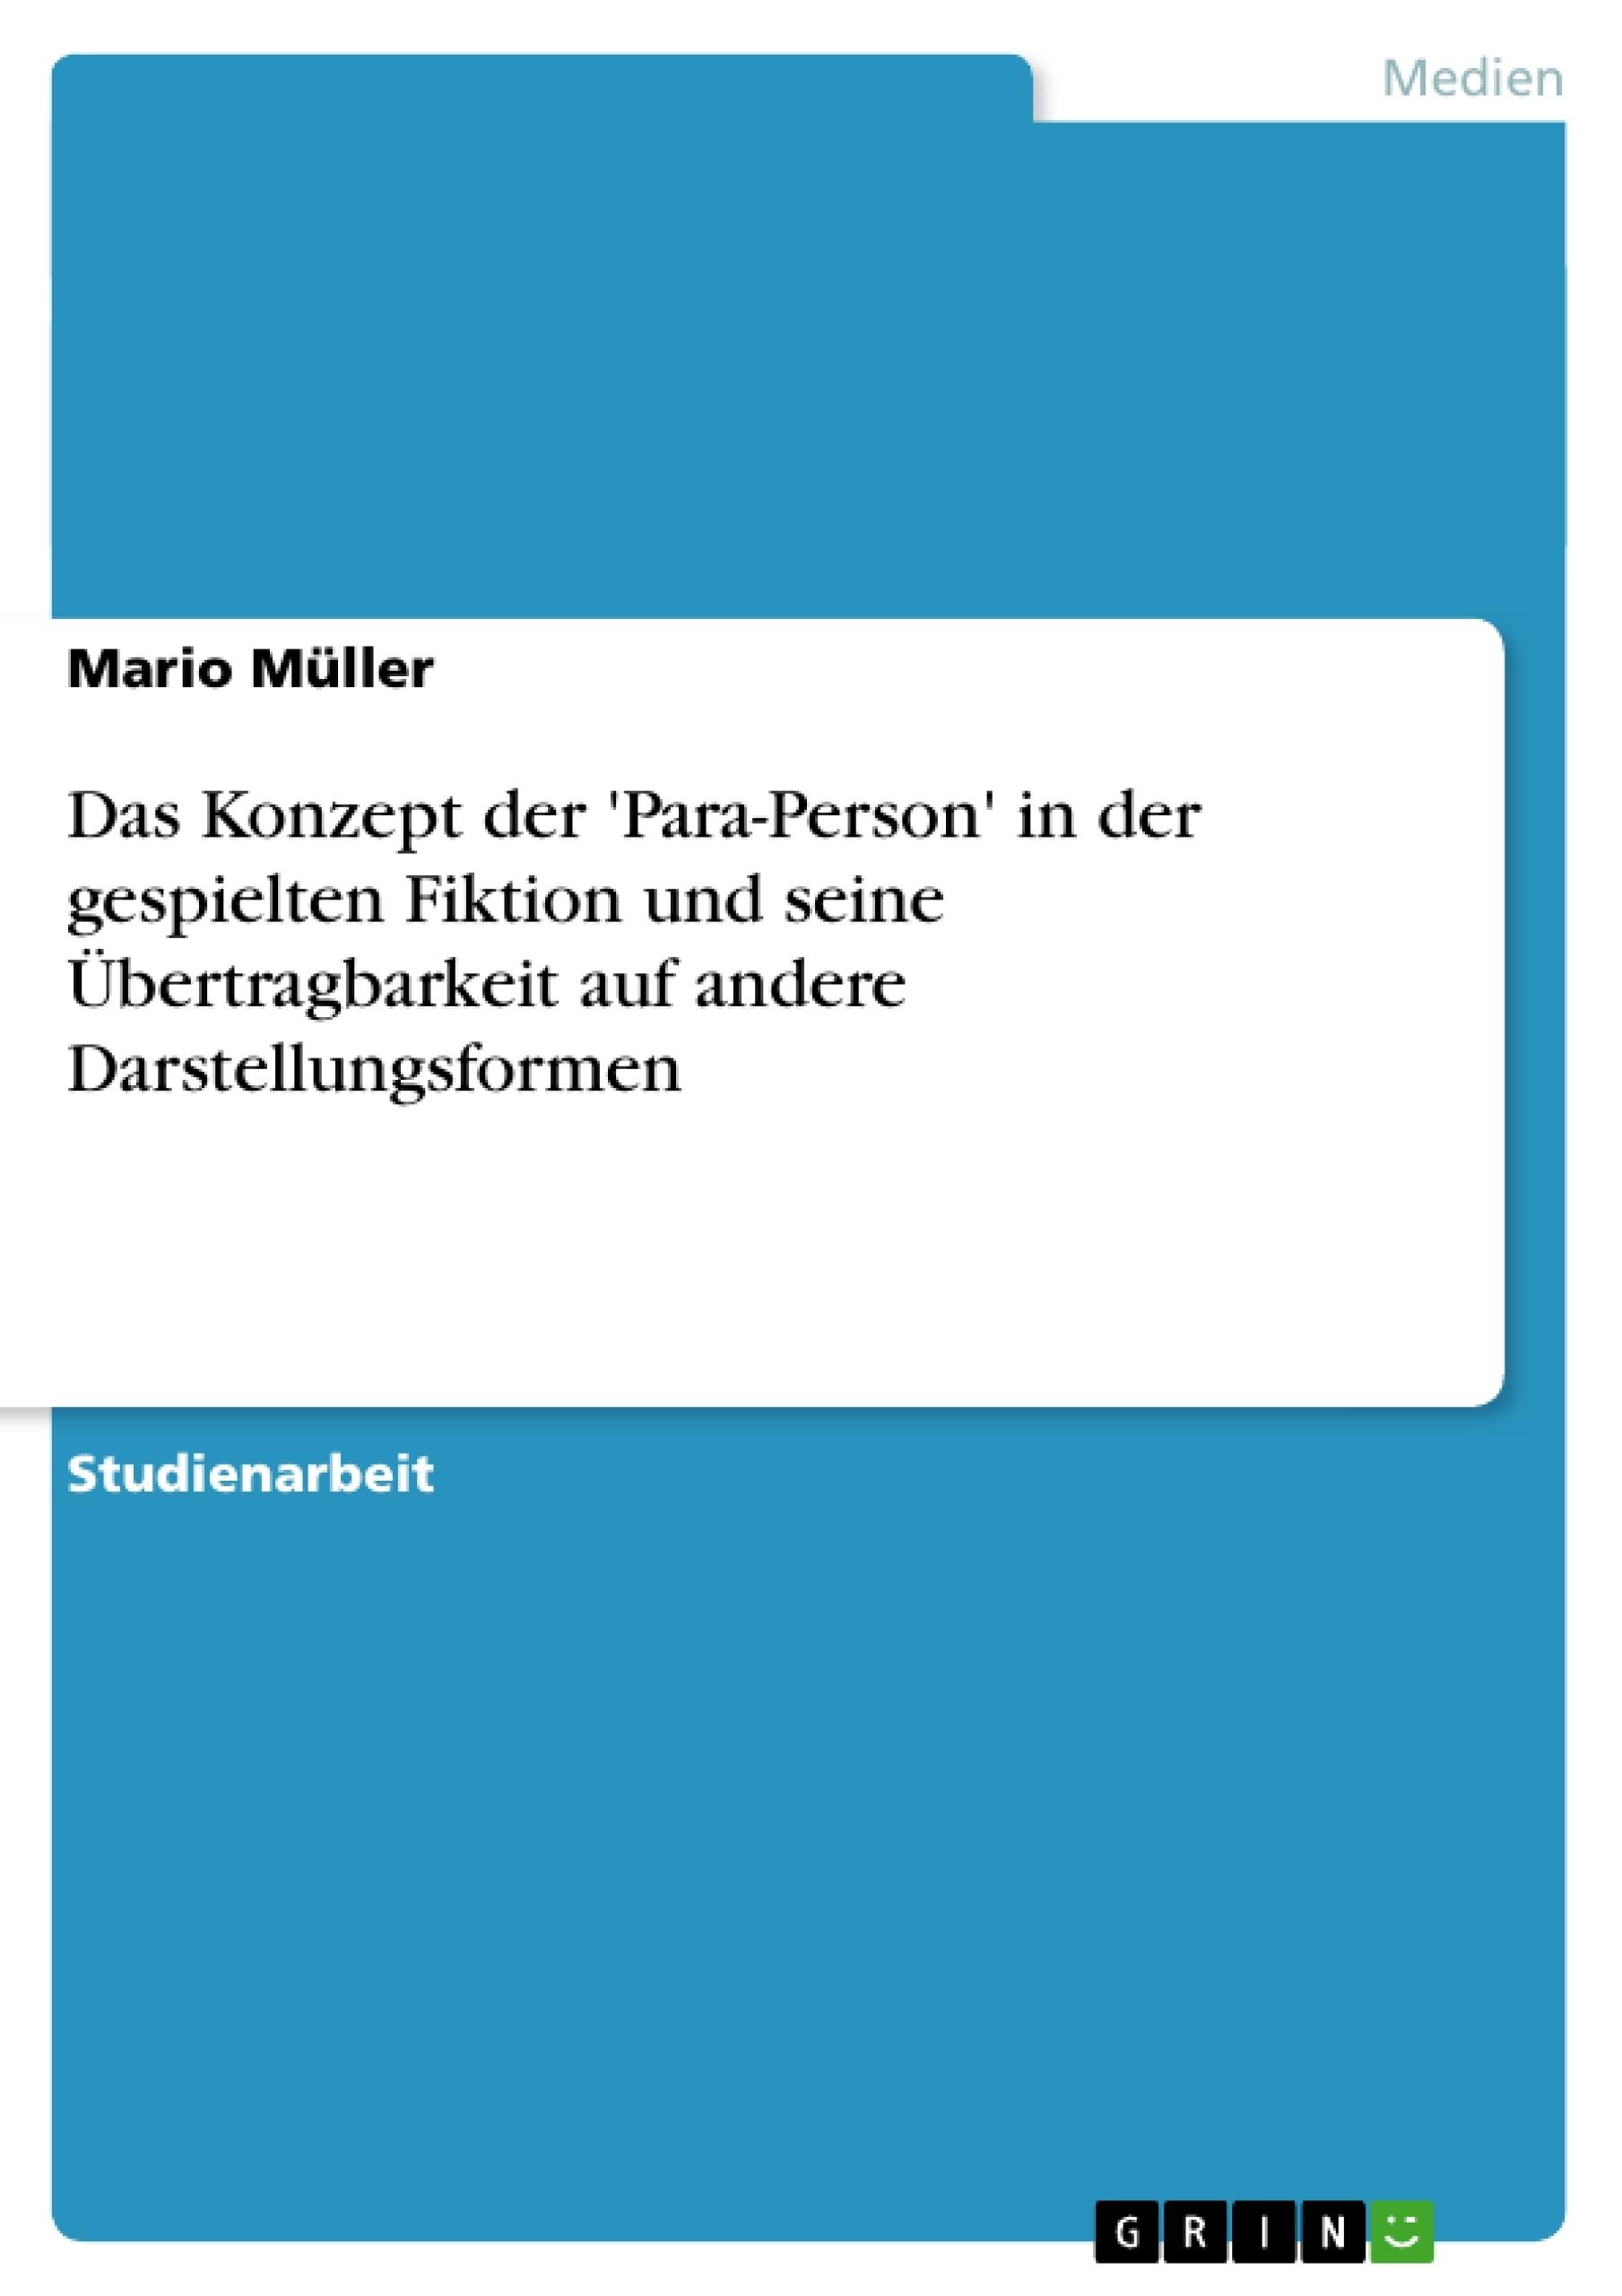 Titel: Das Konzept der 'Para-Person' in der gespielten Fiktion und seine Übertragbarkeit auf andere Darstellungsformen